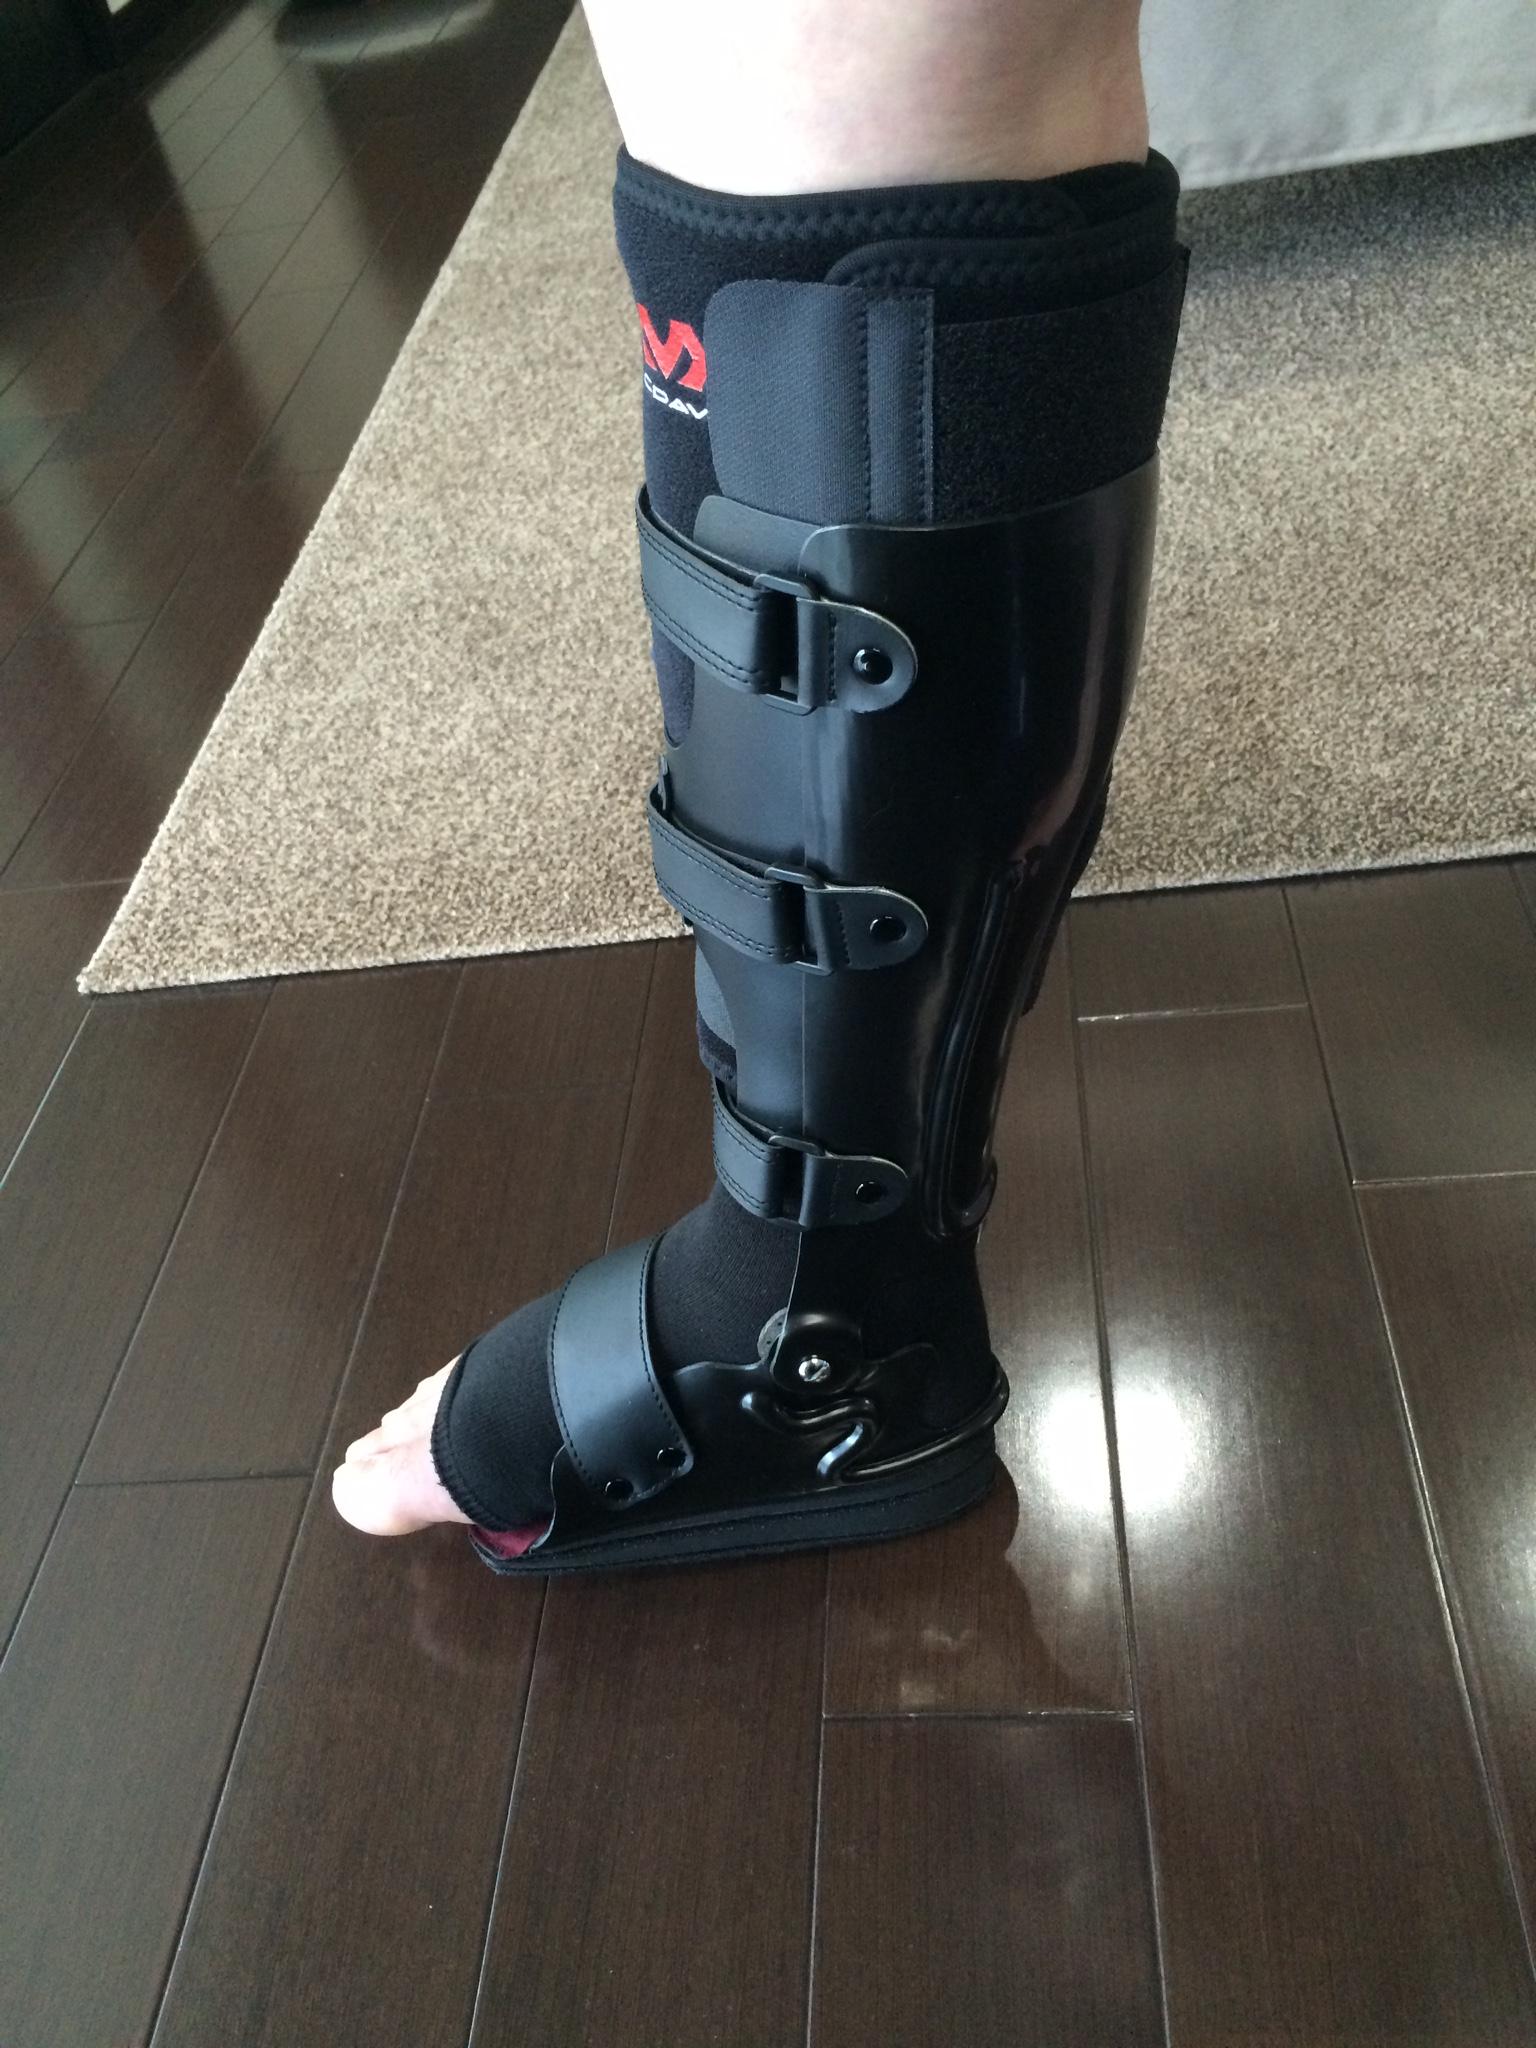 アキレス腱断裂用装具 - 株式会社ケイ・ブレース ( 熊本県菊池市 | 義肢・義足・装具製造)